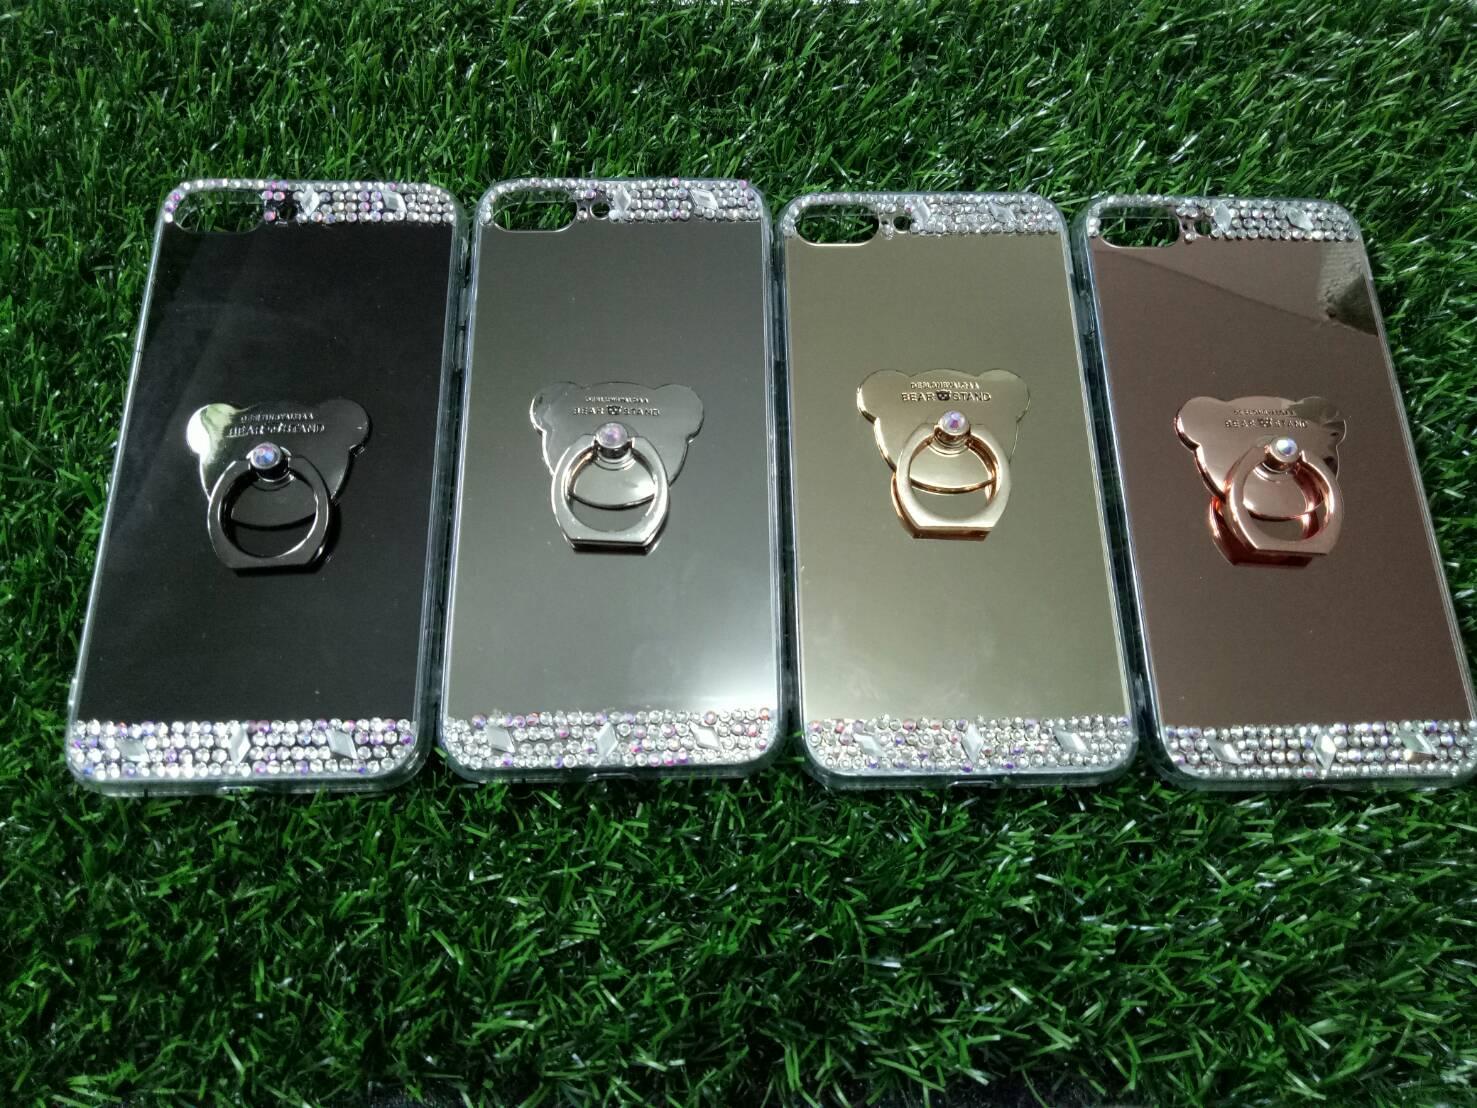 Tpu โครเมี่ยมประดับเพชรหัวท้าย(มีแหวน) iPhone7 plus/iphone8 plus(ใช้เคสตัวเดียวกัน)